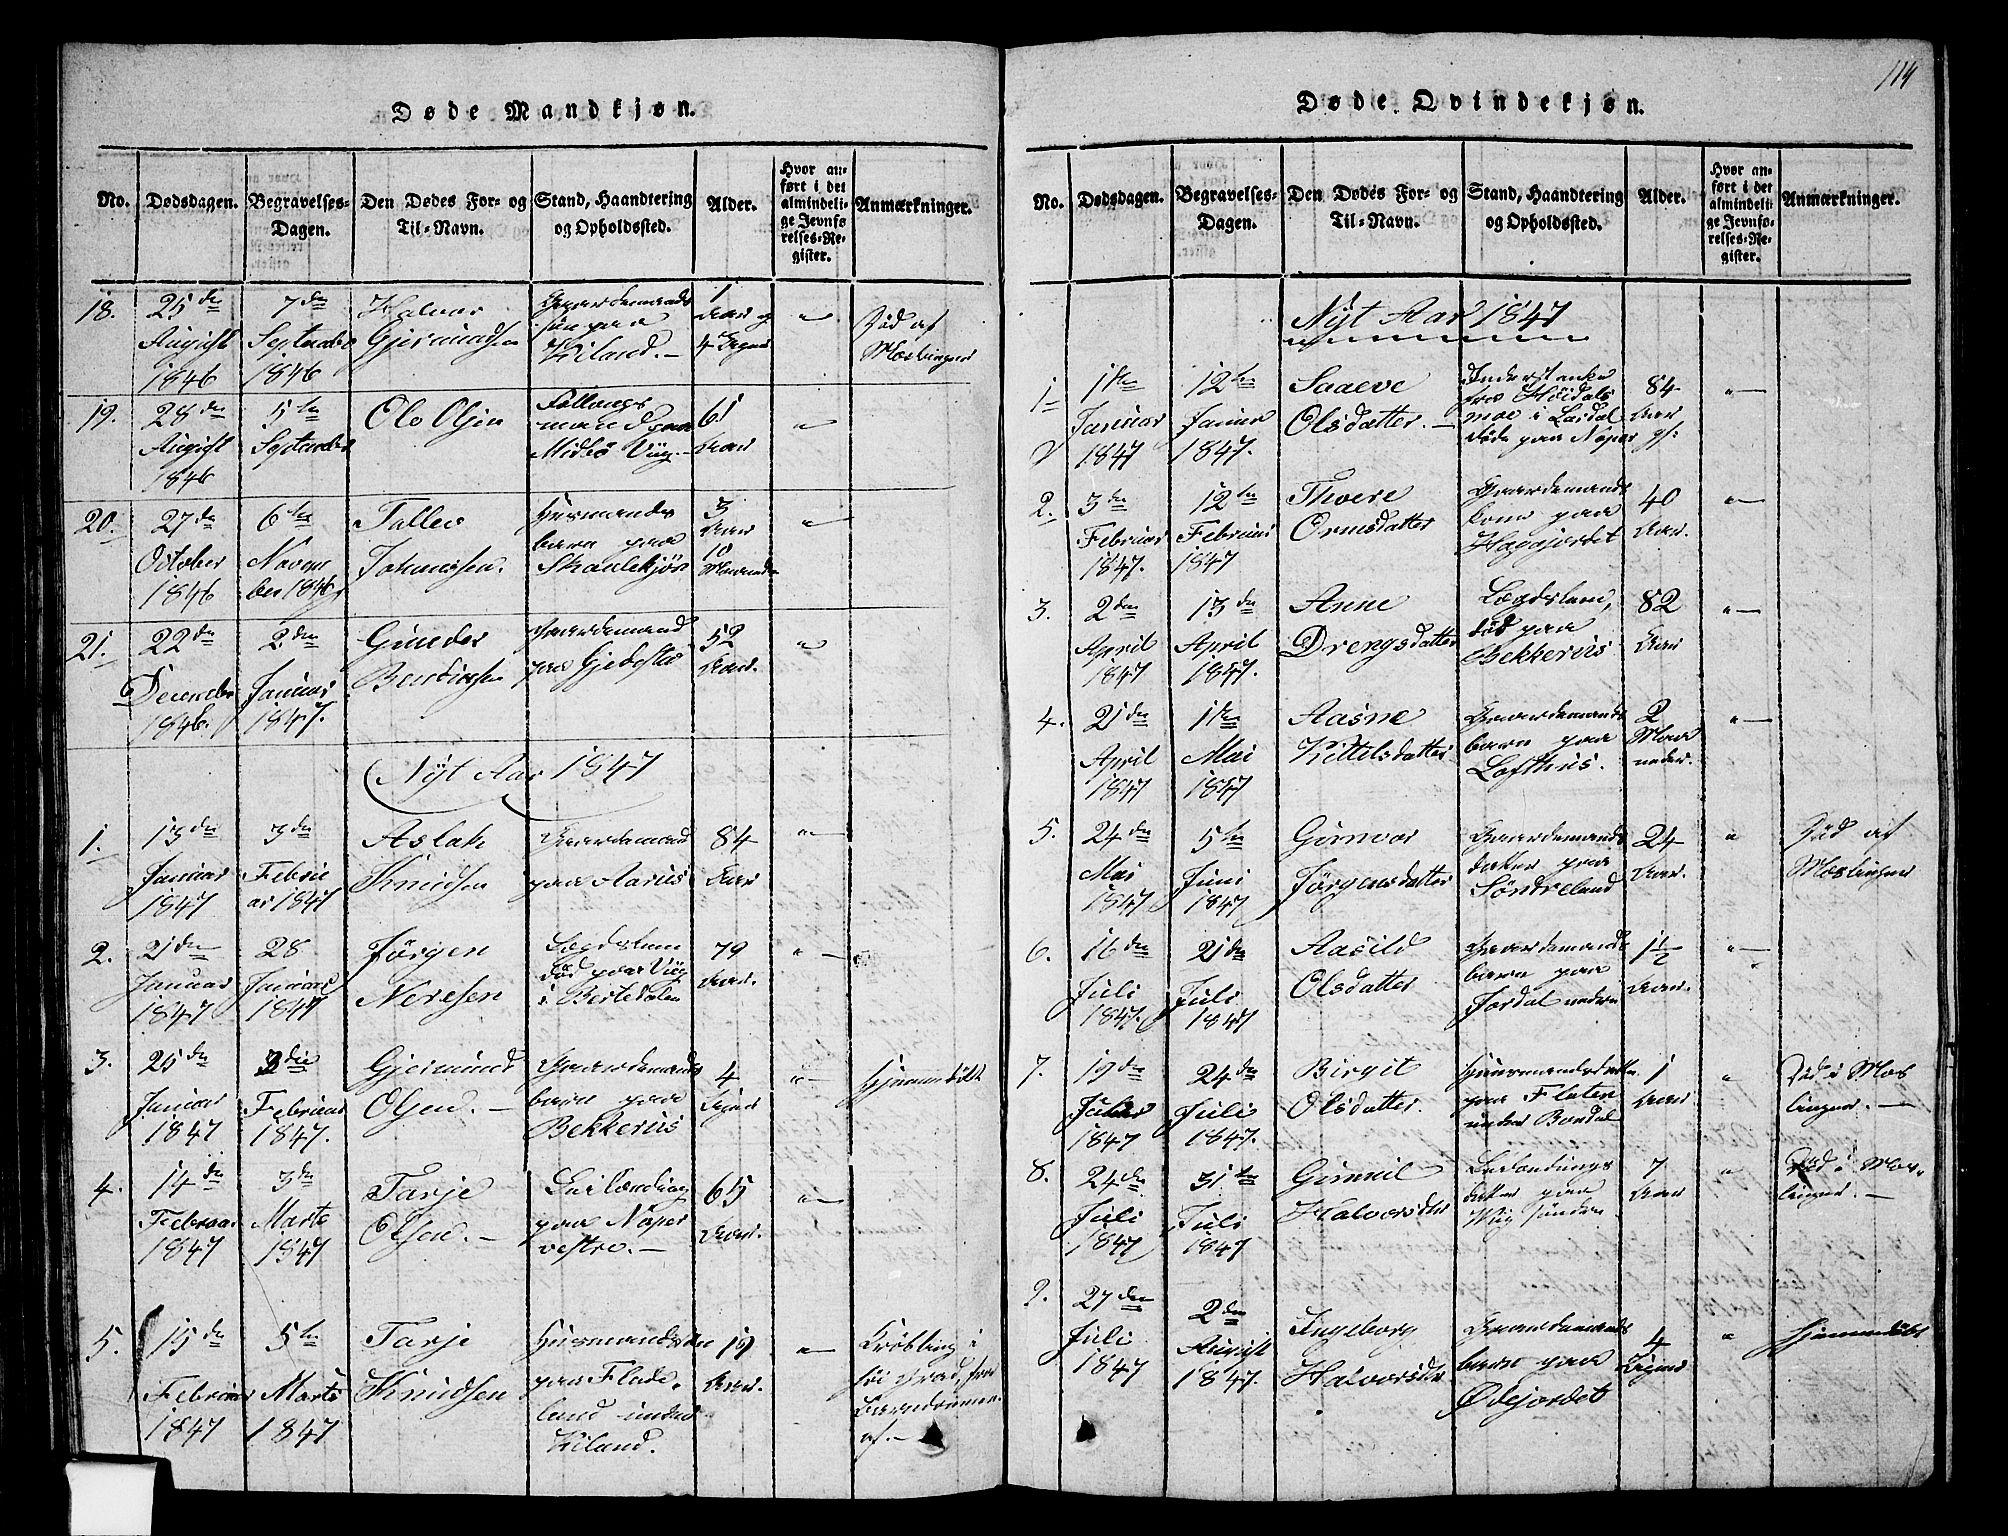 SAKO, Fyresdal kirkebøker, G/Ga/L0002: Klokkerbok nr. I 2, 1815-1857, s. 114